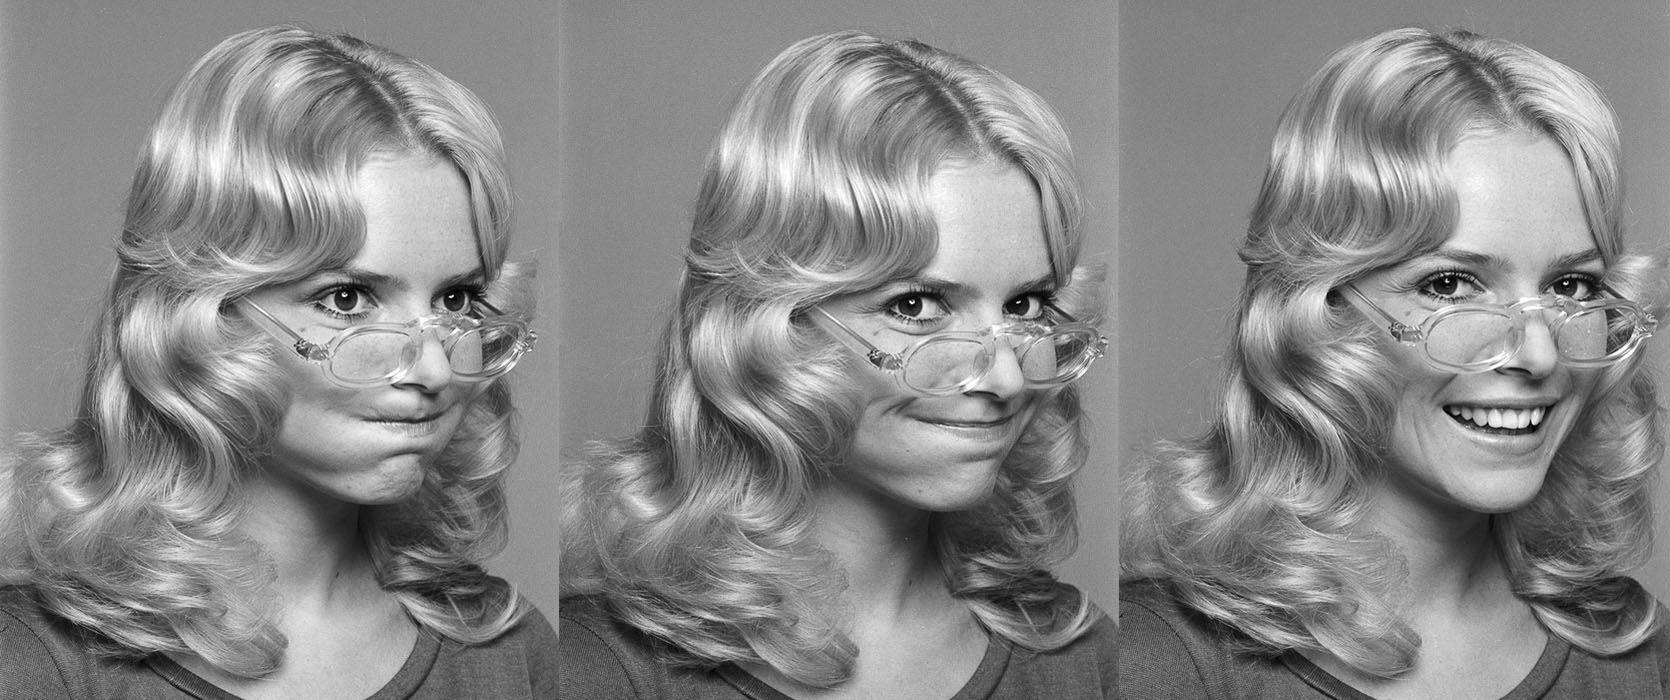 fff35d0863ed0 1970 - Pub pour lunettes - chanteuse France gall   Glasses   France ...